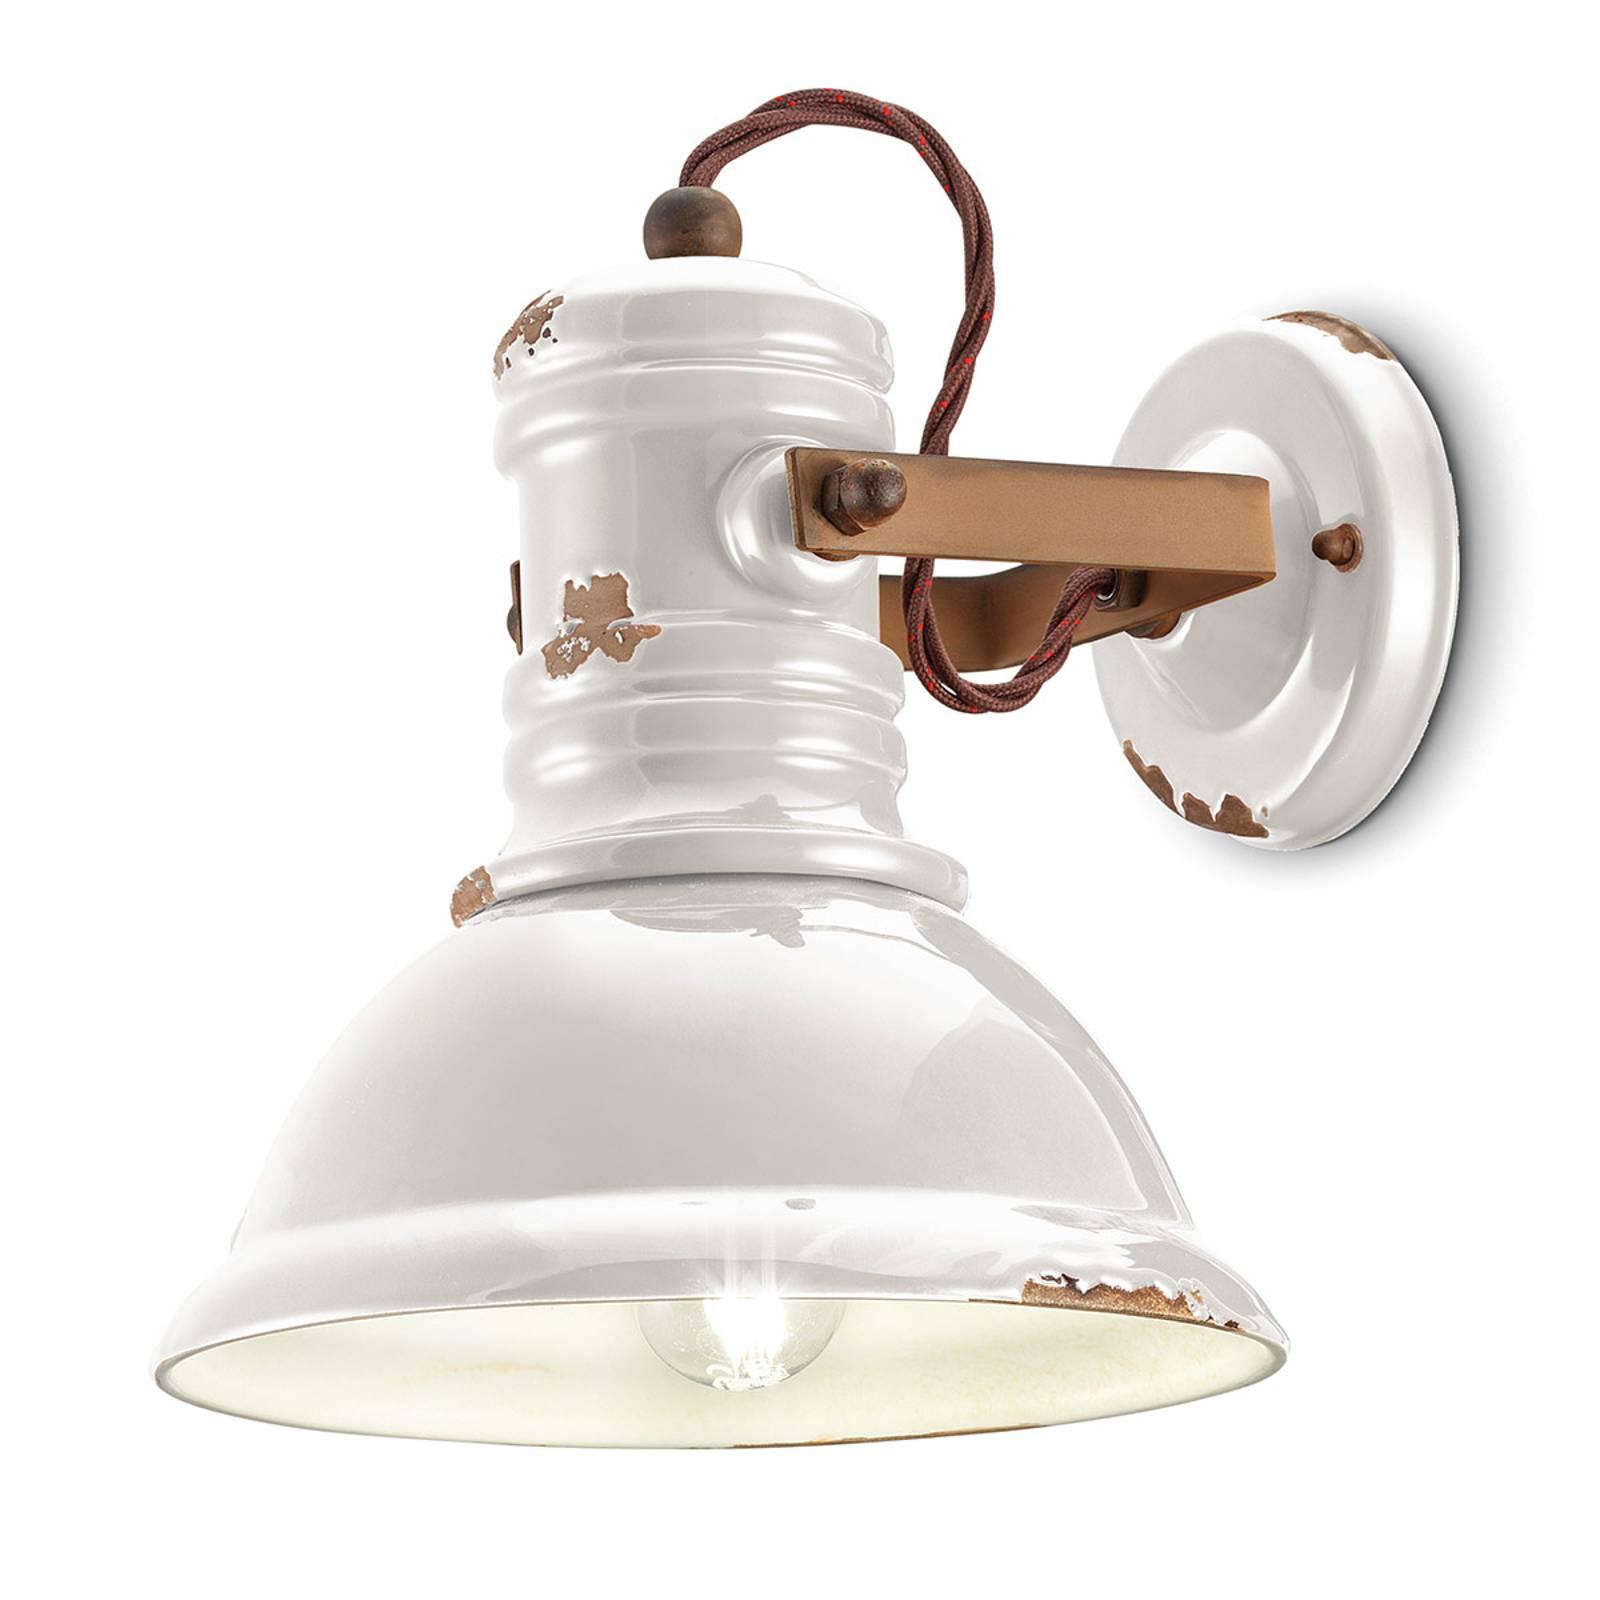 Keramieken wandlamp C1693 industriële stijl wit